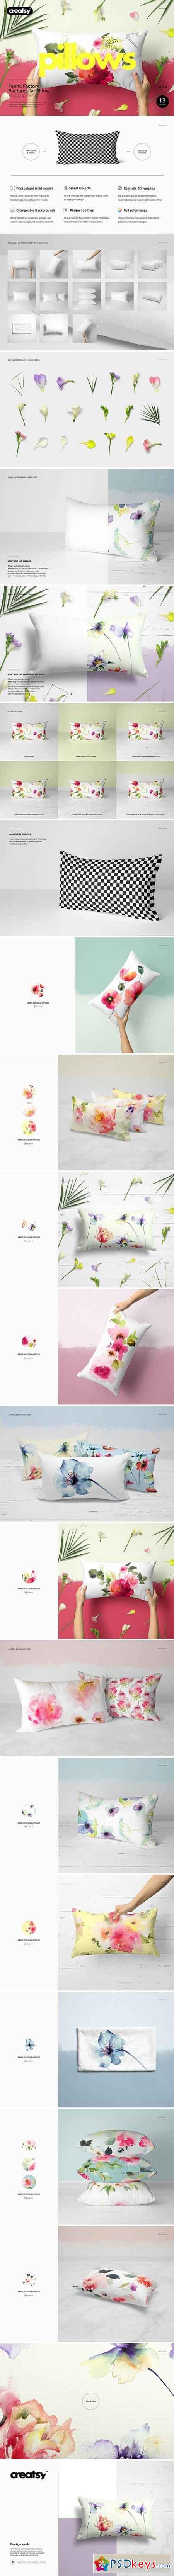 Fabric Factory v5 Rectangular Pillow 2357444